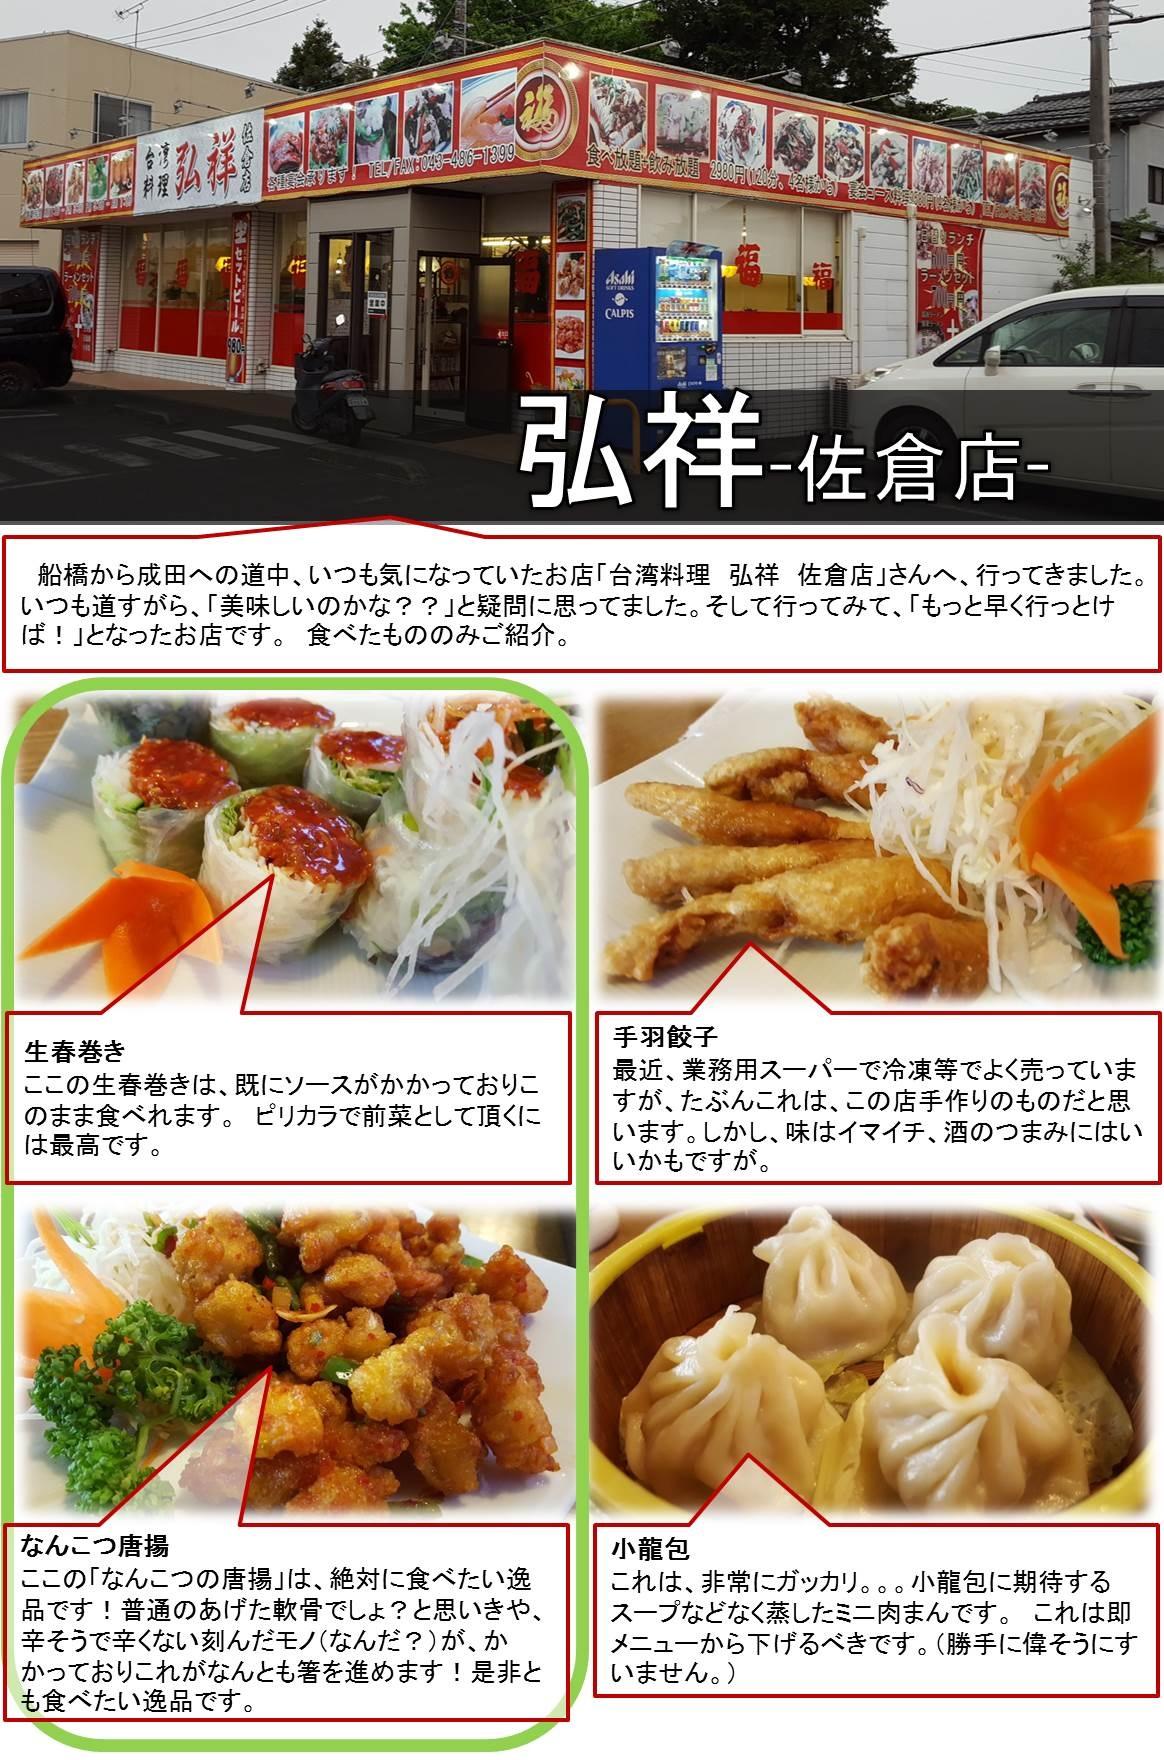 弘祥-佐倉店-   船橋から成田への道中、いつも気になっていたお店「台湾料理 弘祥 佐倉店」さんへ、行ってきました。いつも道すがら、「美味しいのかな??」と疑問に思ってました。そして行ってみて、「もっと早く行っとけば!」となったお店です。 食べたもののみご紹介。生春巻き  ここの生春巻きは、既にソースがかかっておりこのまま食べれます。 ピリカラで前菜として頂くには最高です。手羽餃子  最近、業務用スーパーで冷凍等でよく売っていますが、たぶんこれは、この店手作りのものだと思います。しかし、味はイマイチ、酒のつまみにはいいかもですが。なんこつ唐揚  ここの「なんこつの唐揚」は、絶対に食べたい逸品です!普通のあげた軟骨でしょ?と思いきや、辛そうで辛くない刻んだモノ(なんだ?)が、かかっておりこれがなんとも箸を進めます!是非とも食べたい逸品です。小龍包  これは、非常にガッカリ。。。小龍包に期待するスープなどなく蒸したミニ肉まんです。 これは即メニューから下げるべきです。(勝手に偉そうにすいません。)